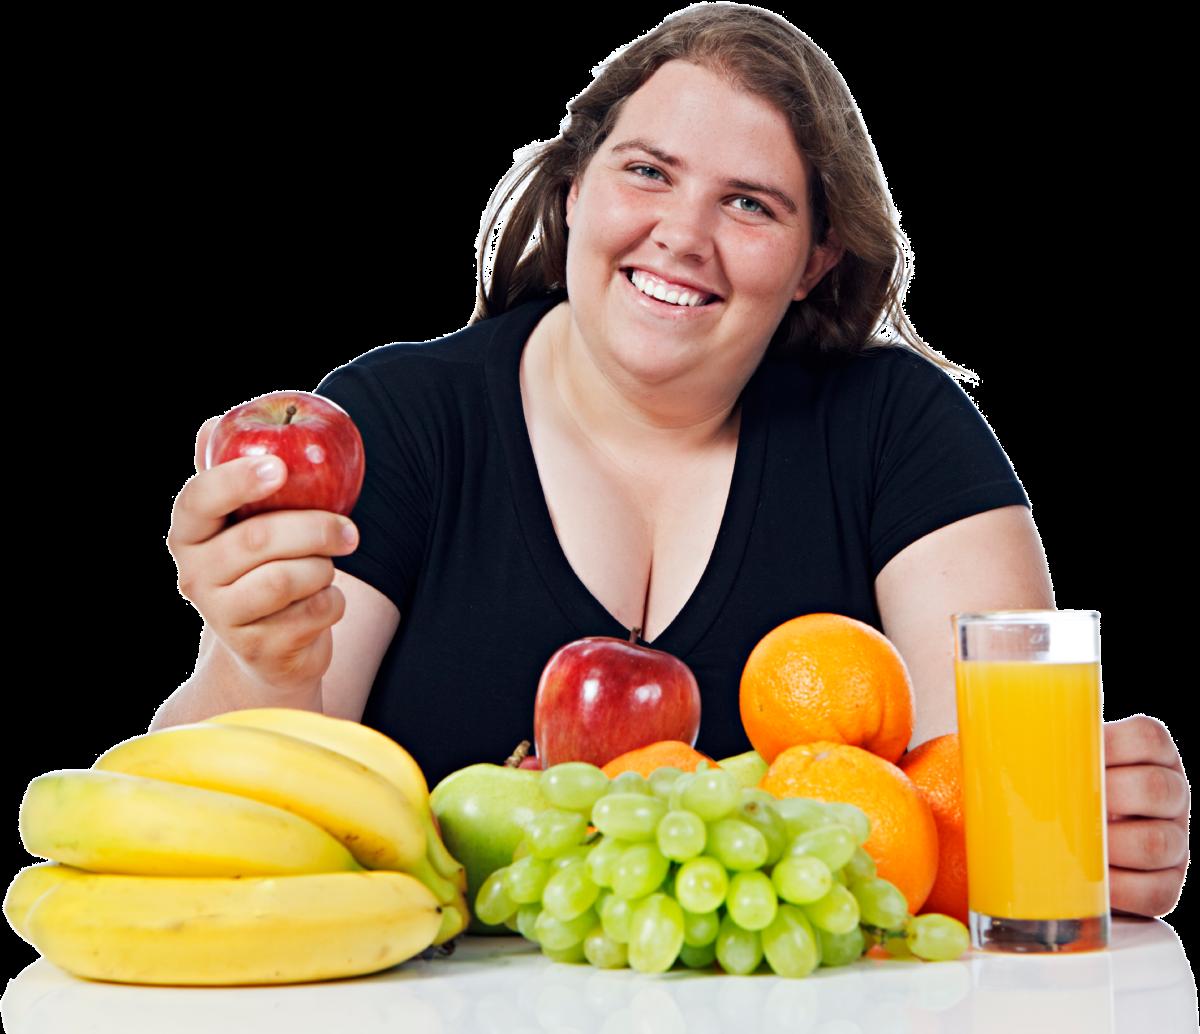 Превышение веса тела